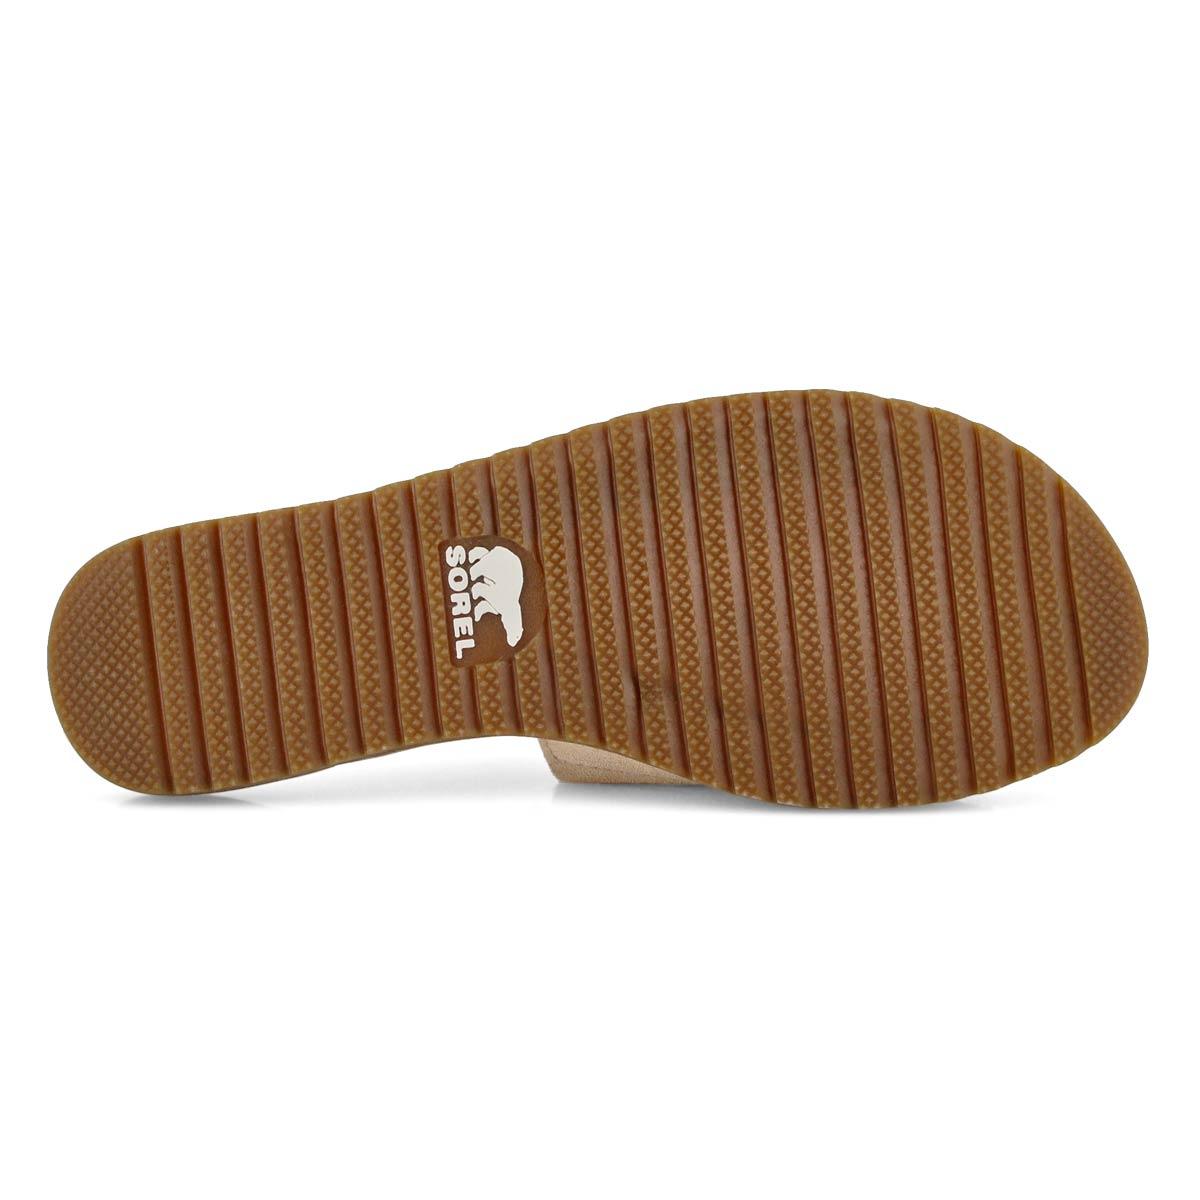 Lds Ella Block tan casual slide sandal